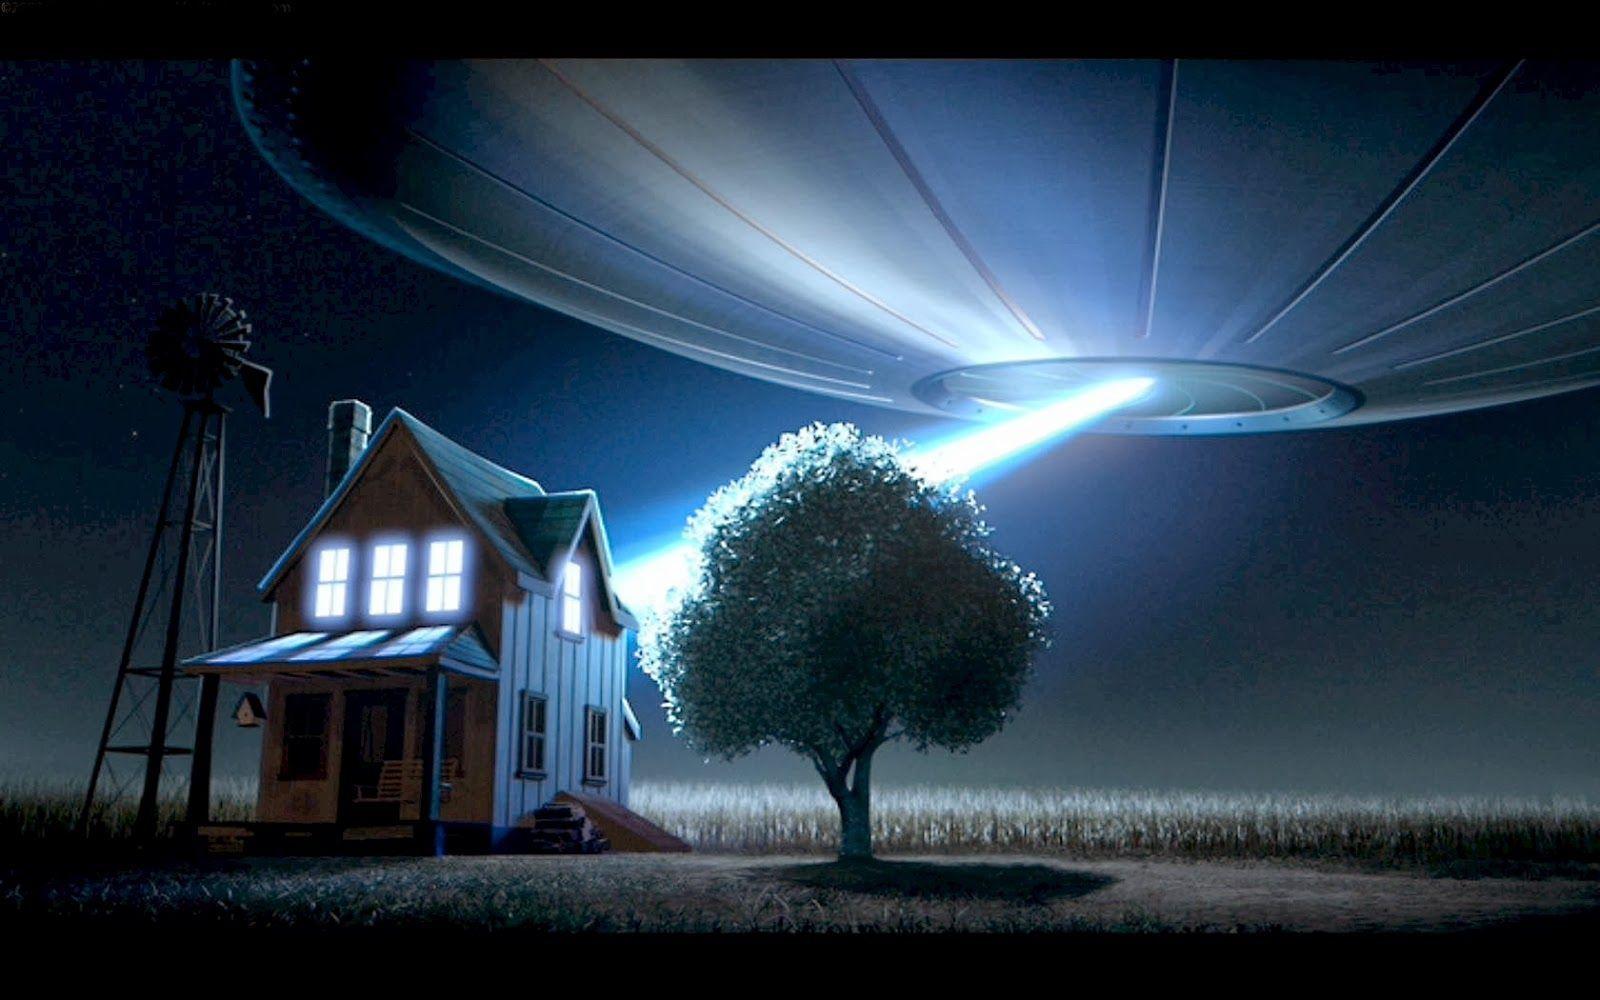 ¿Crees que te han abducido alguna vez los extraterrestres?